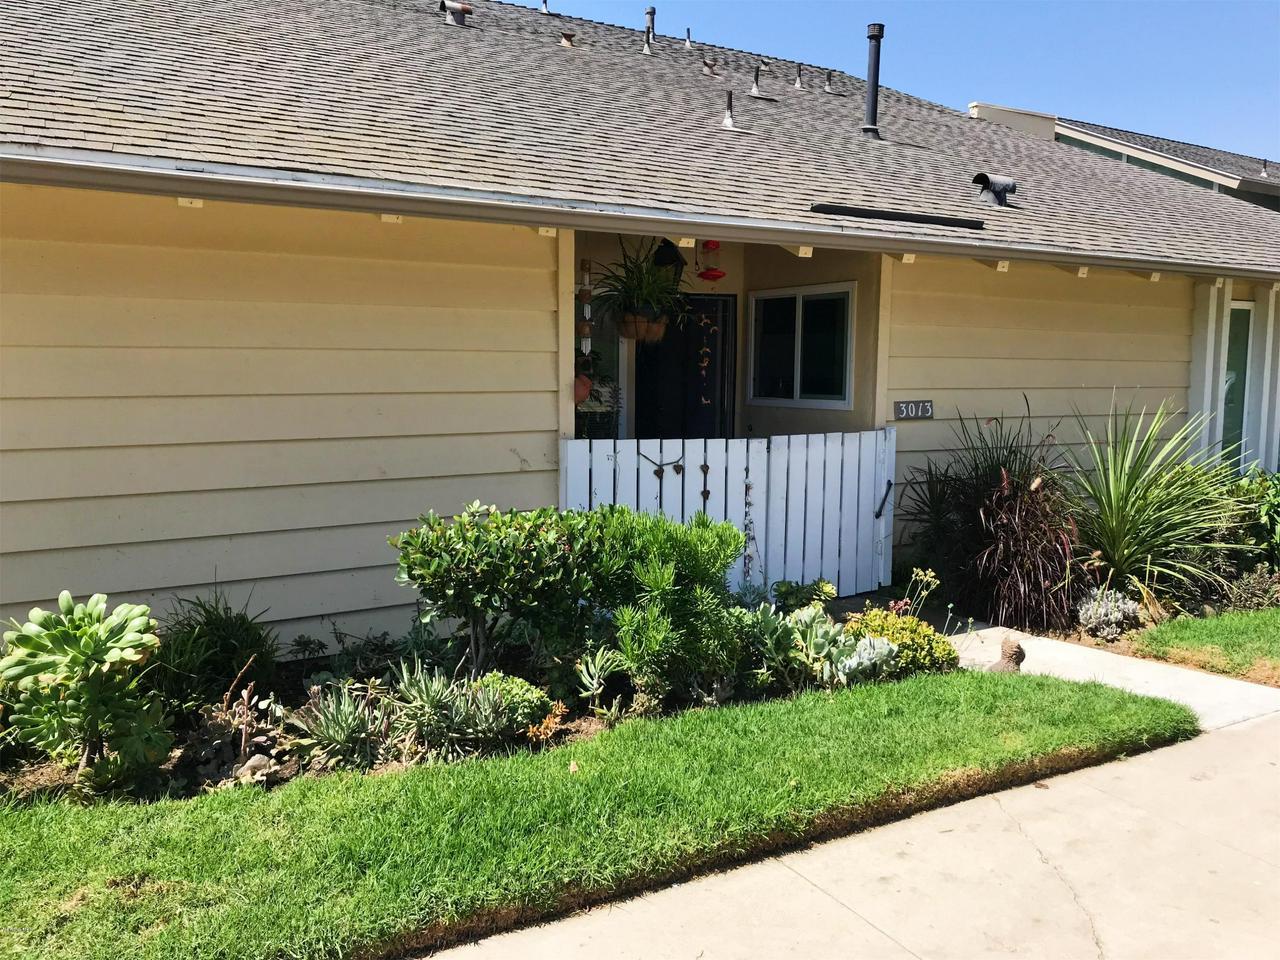 3013 HARBOR, Ventura, CA 93001 - 1